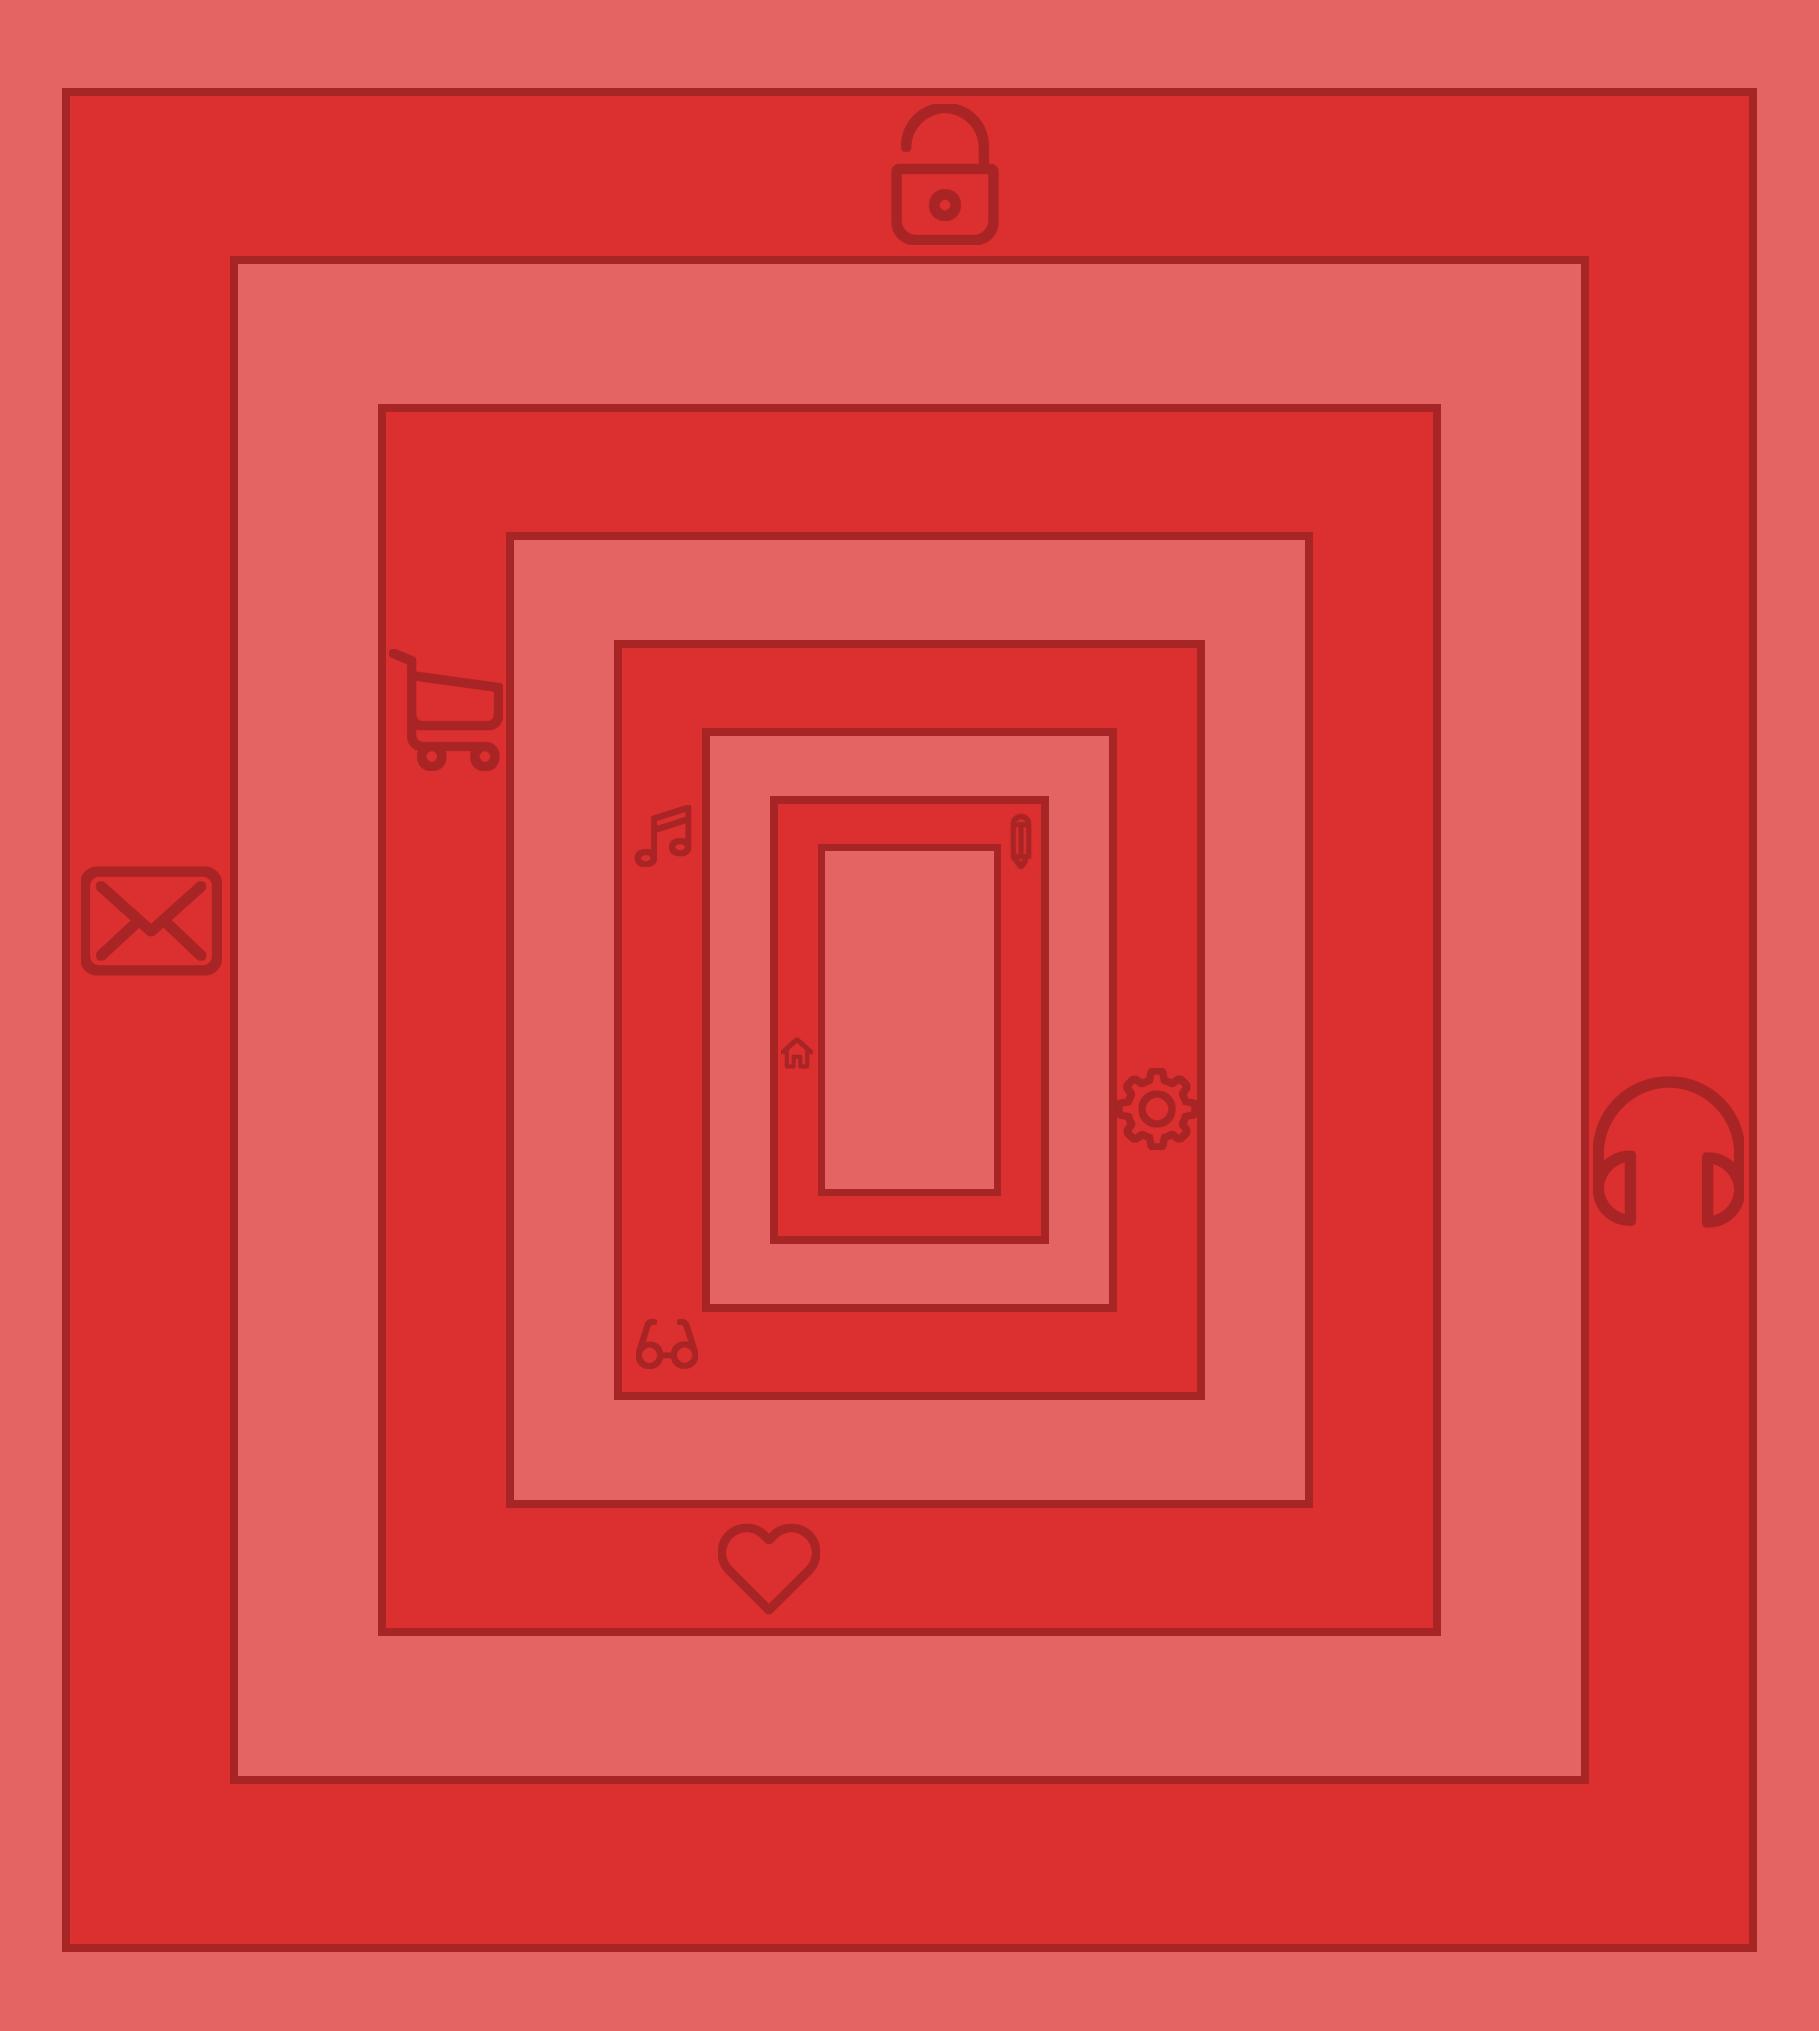 obrazek-oko-z-filtrem-czerwonym